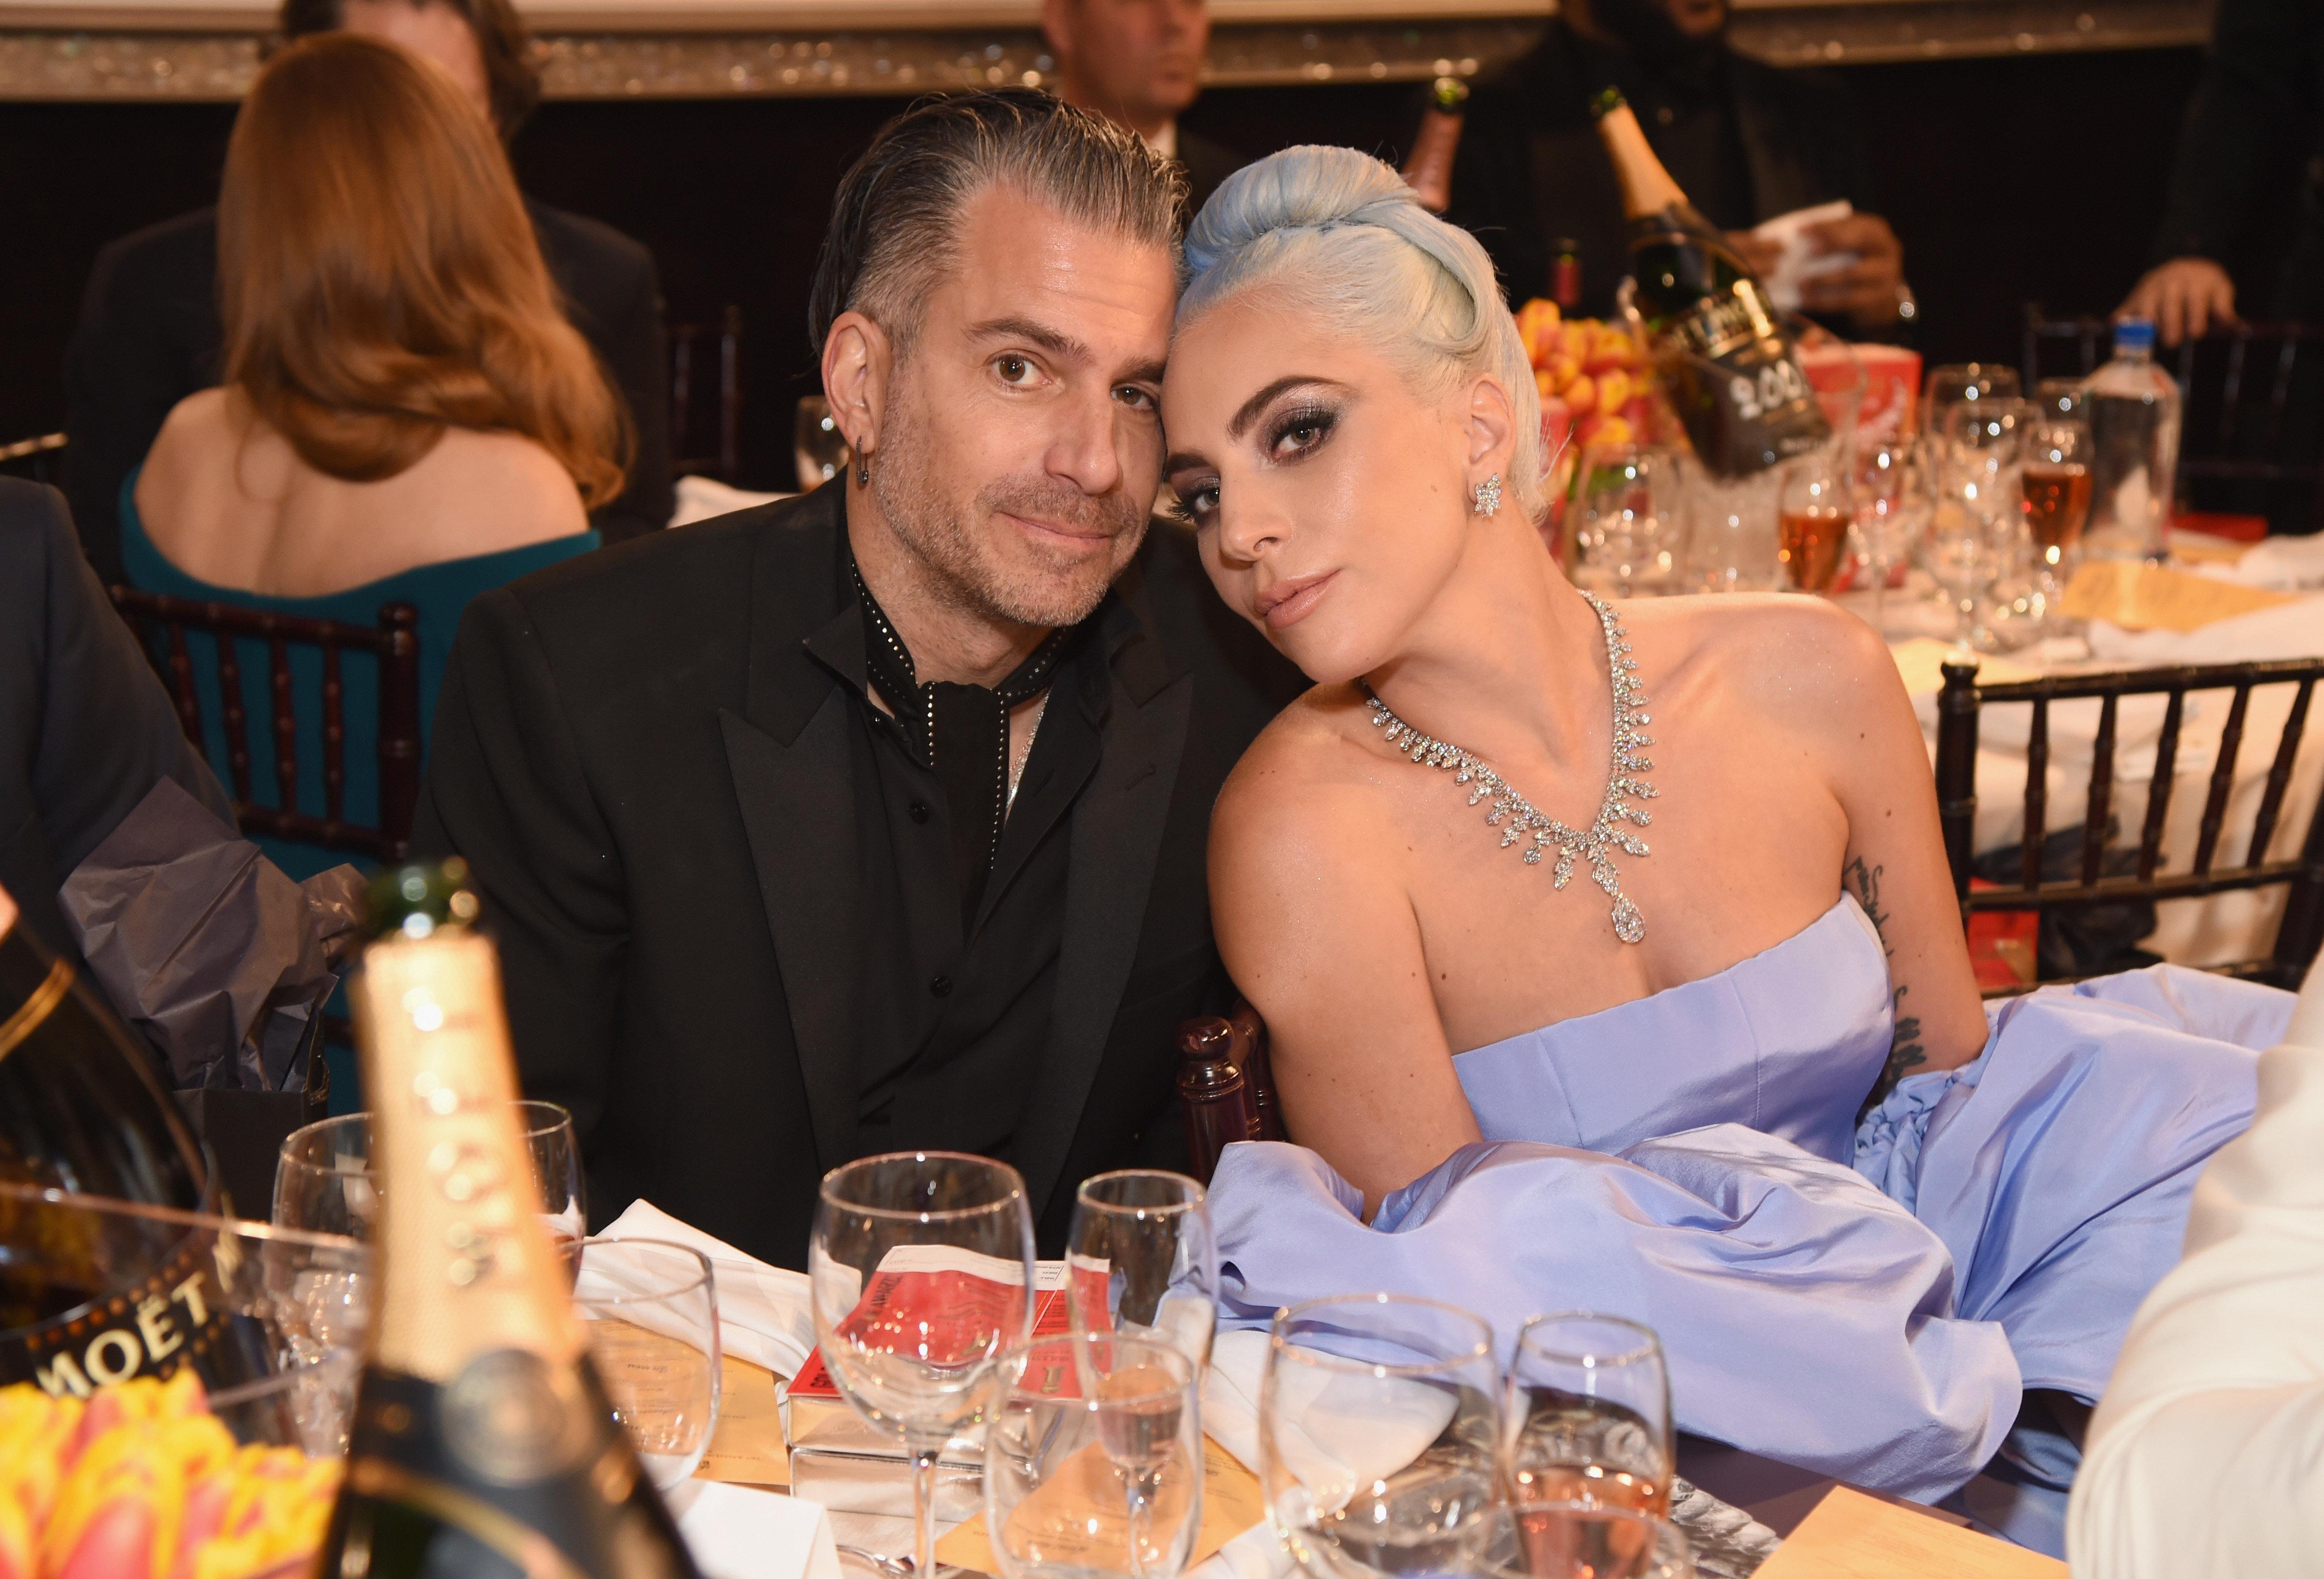 Η Lady Gaga και ο Κρίστιαν Καρίνο ακυρώνουν τον αρραβώνα τους